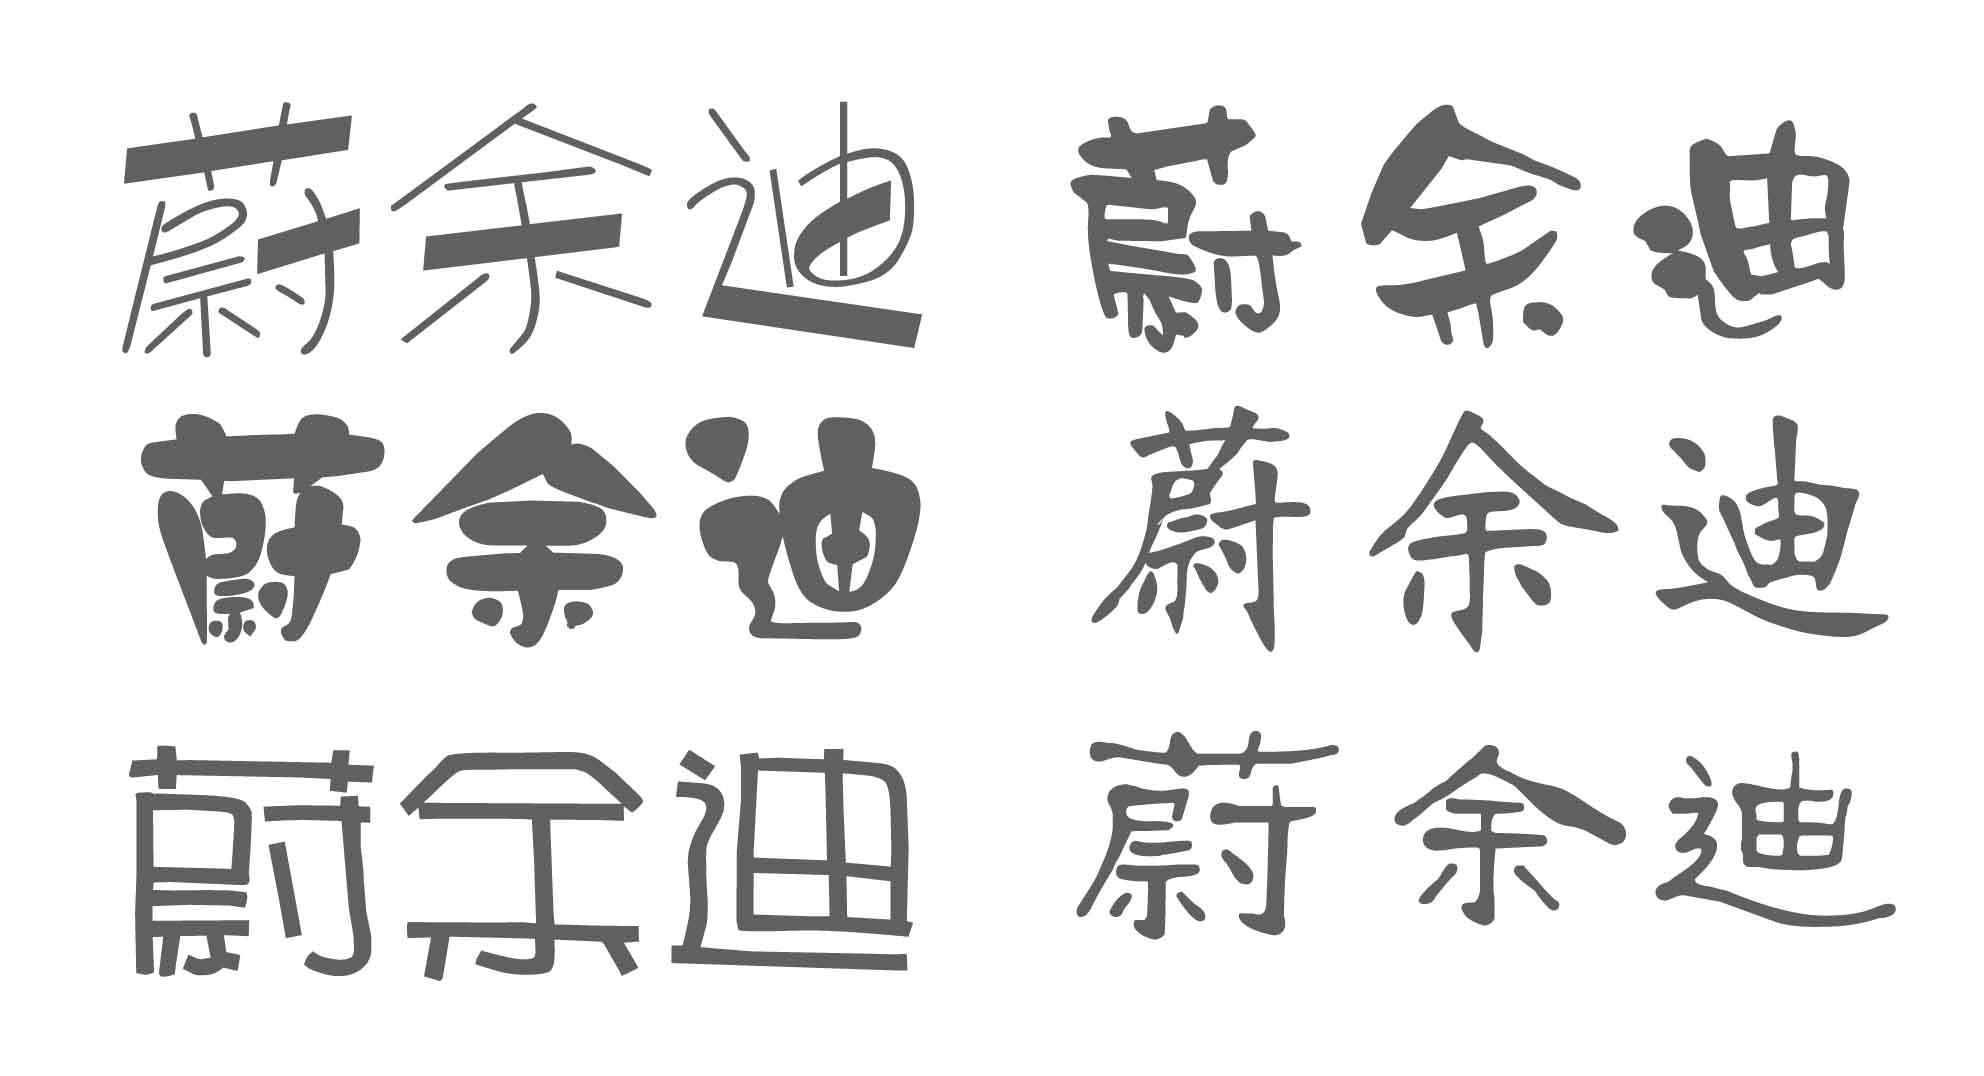 变体艺术字; 变体美术字变体美术字设计图片变体美术字王图片; 图片